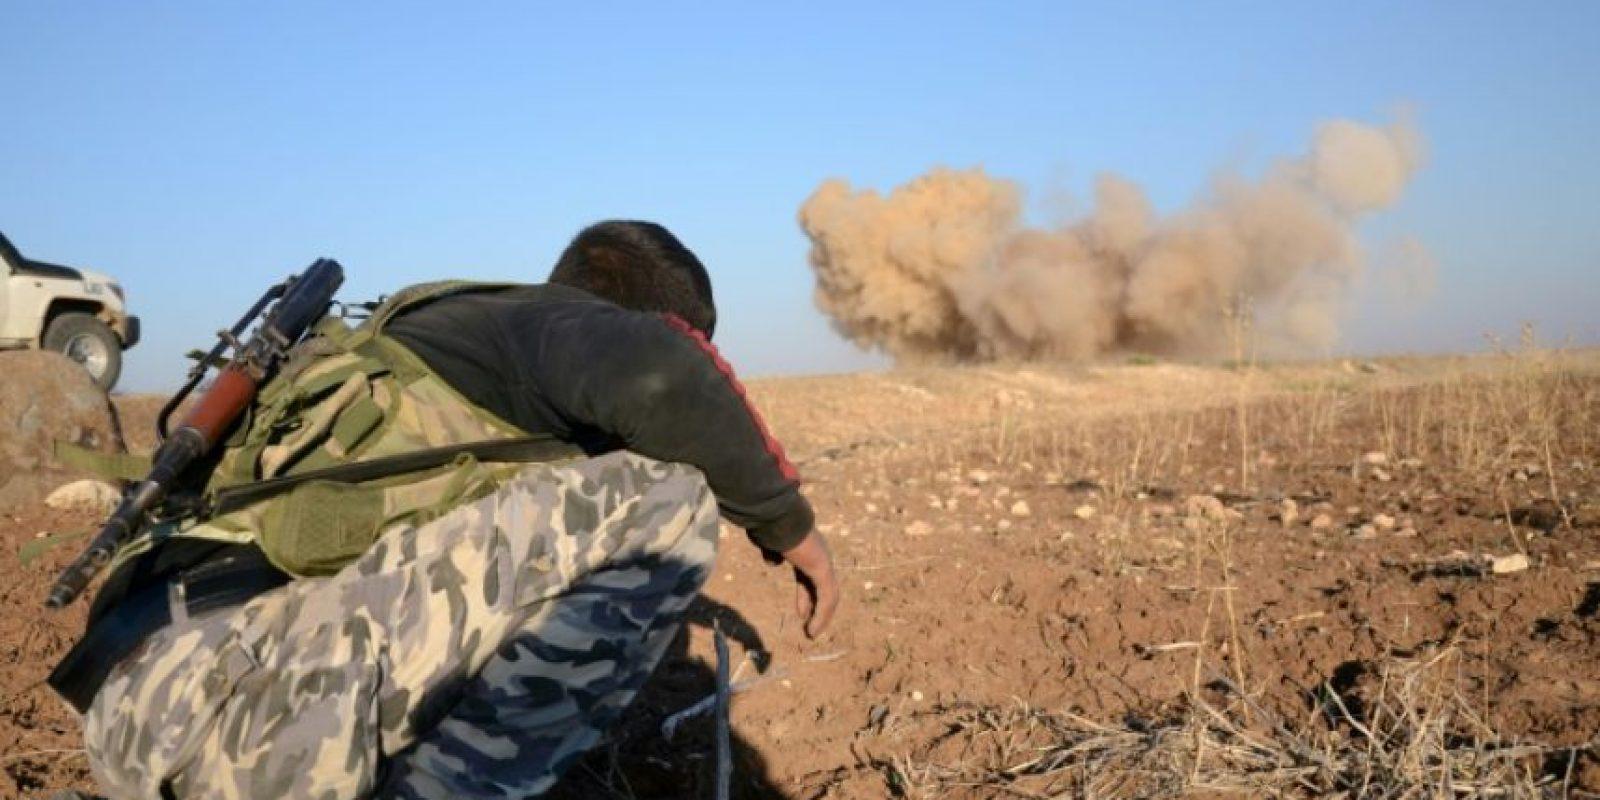 Un combatiente rebelde observa la explosión de una mina colocada por el grupo Estado Islámico en el pueblo de Tilalayn, cerca de la localidad de Dabiq, el pasado 25 de noviembre al norte de Siria Foto:Nazeer al Khatib/afp.com